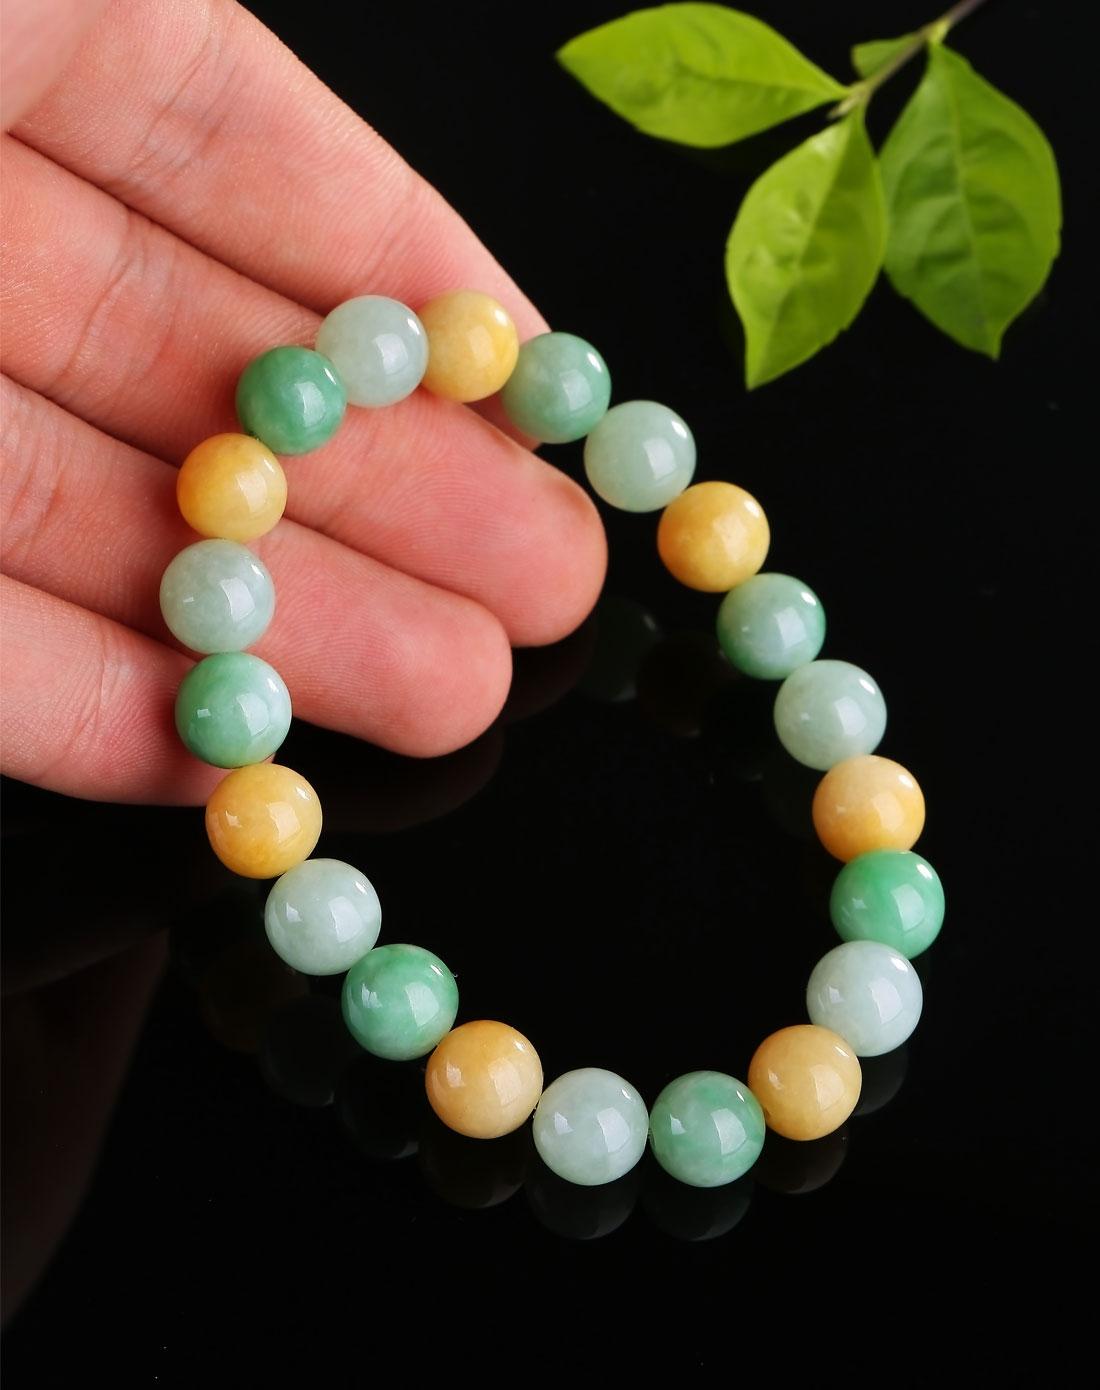 黄色绿色双色翡翠珠子编制手链